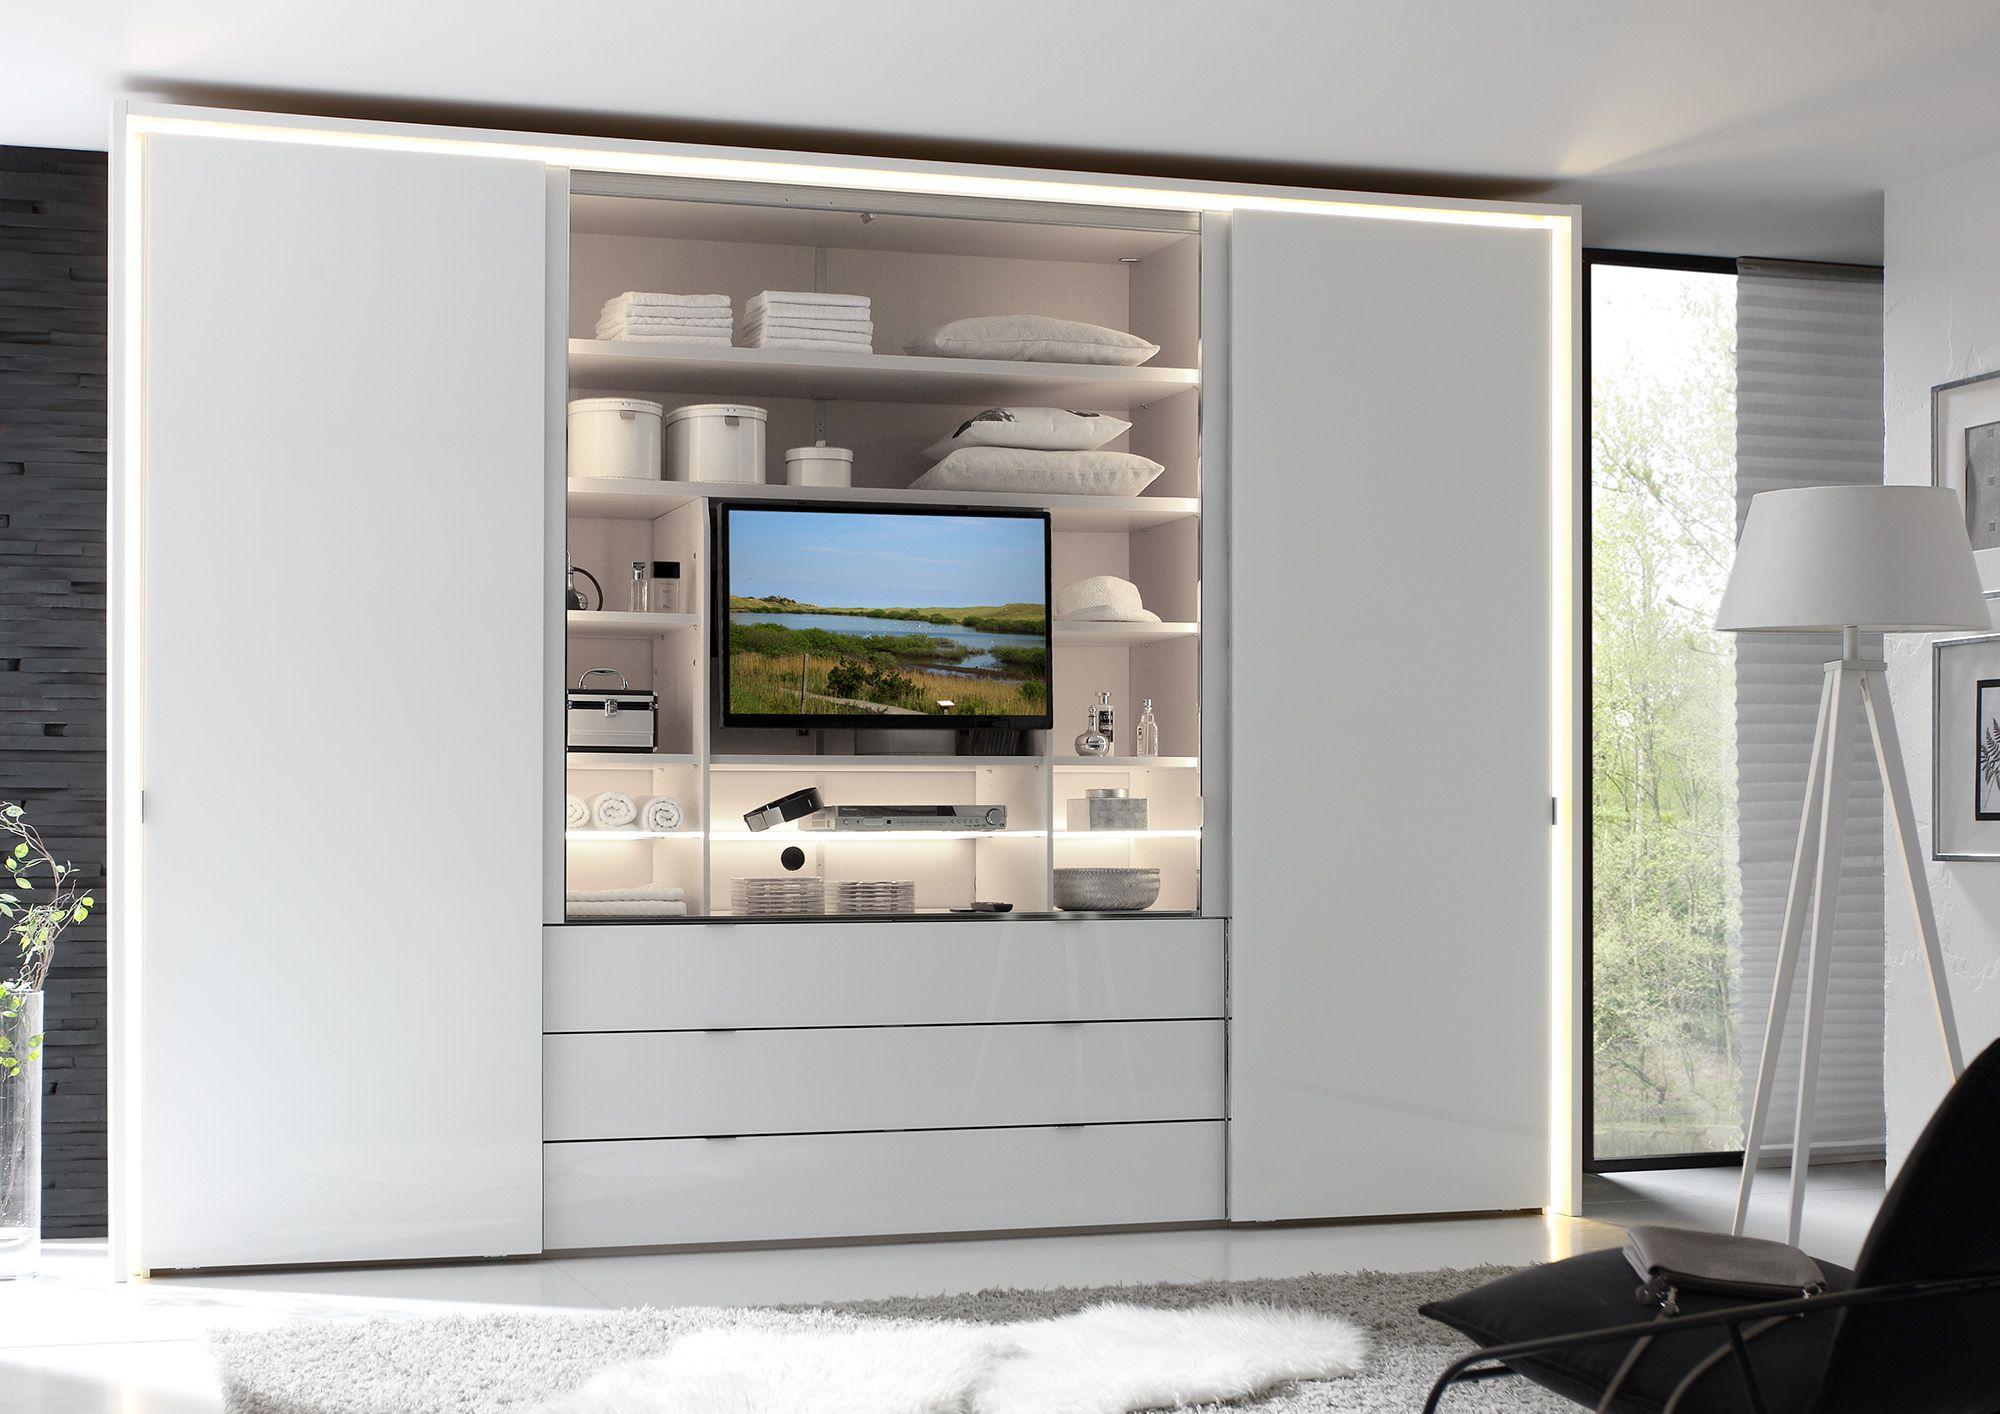 Bildergebnis für kleiderschrank tv fach | Schlafzimmer | Tall ...